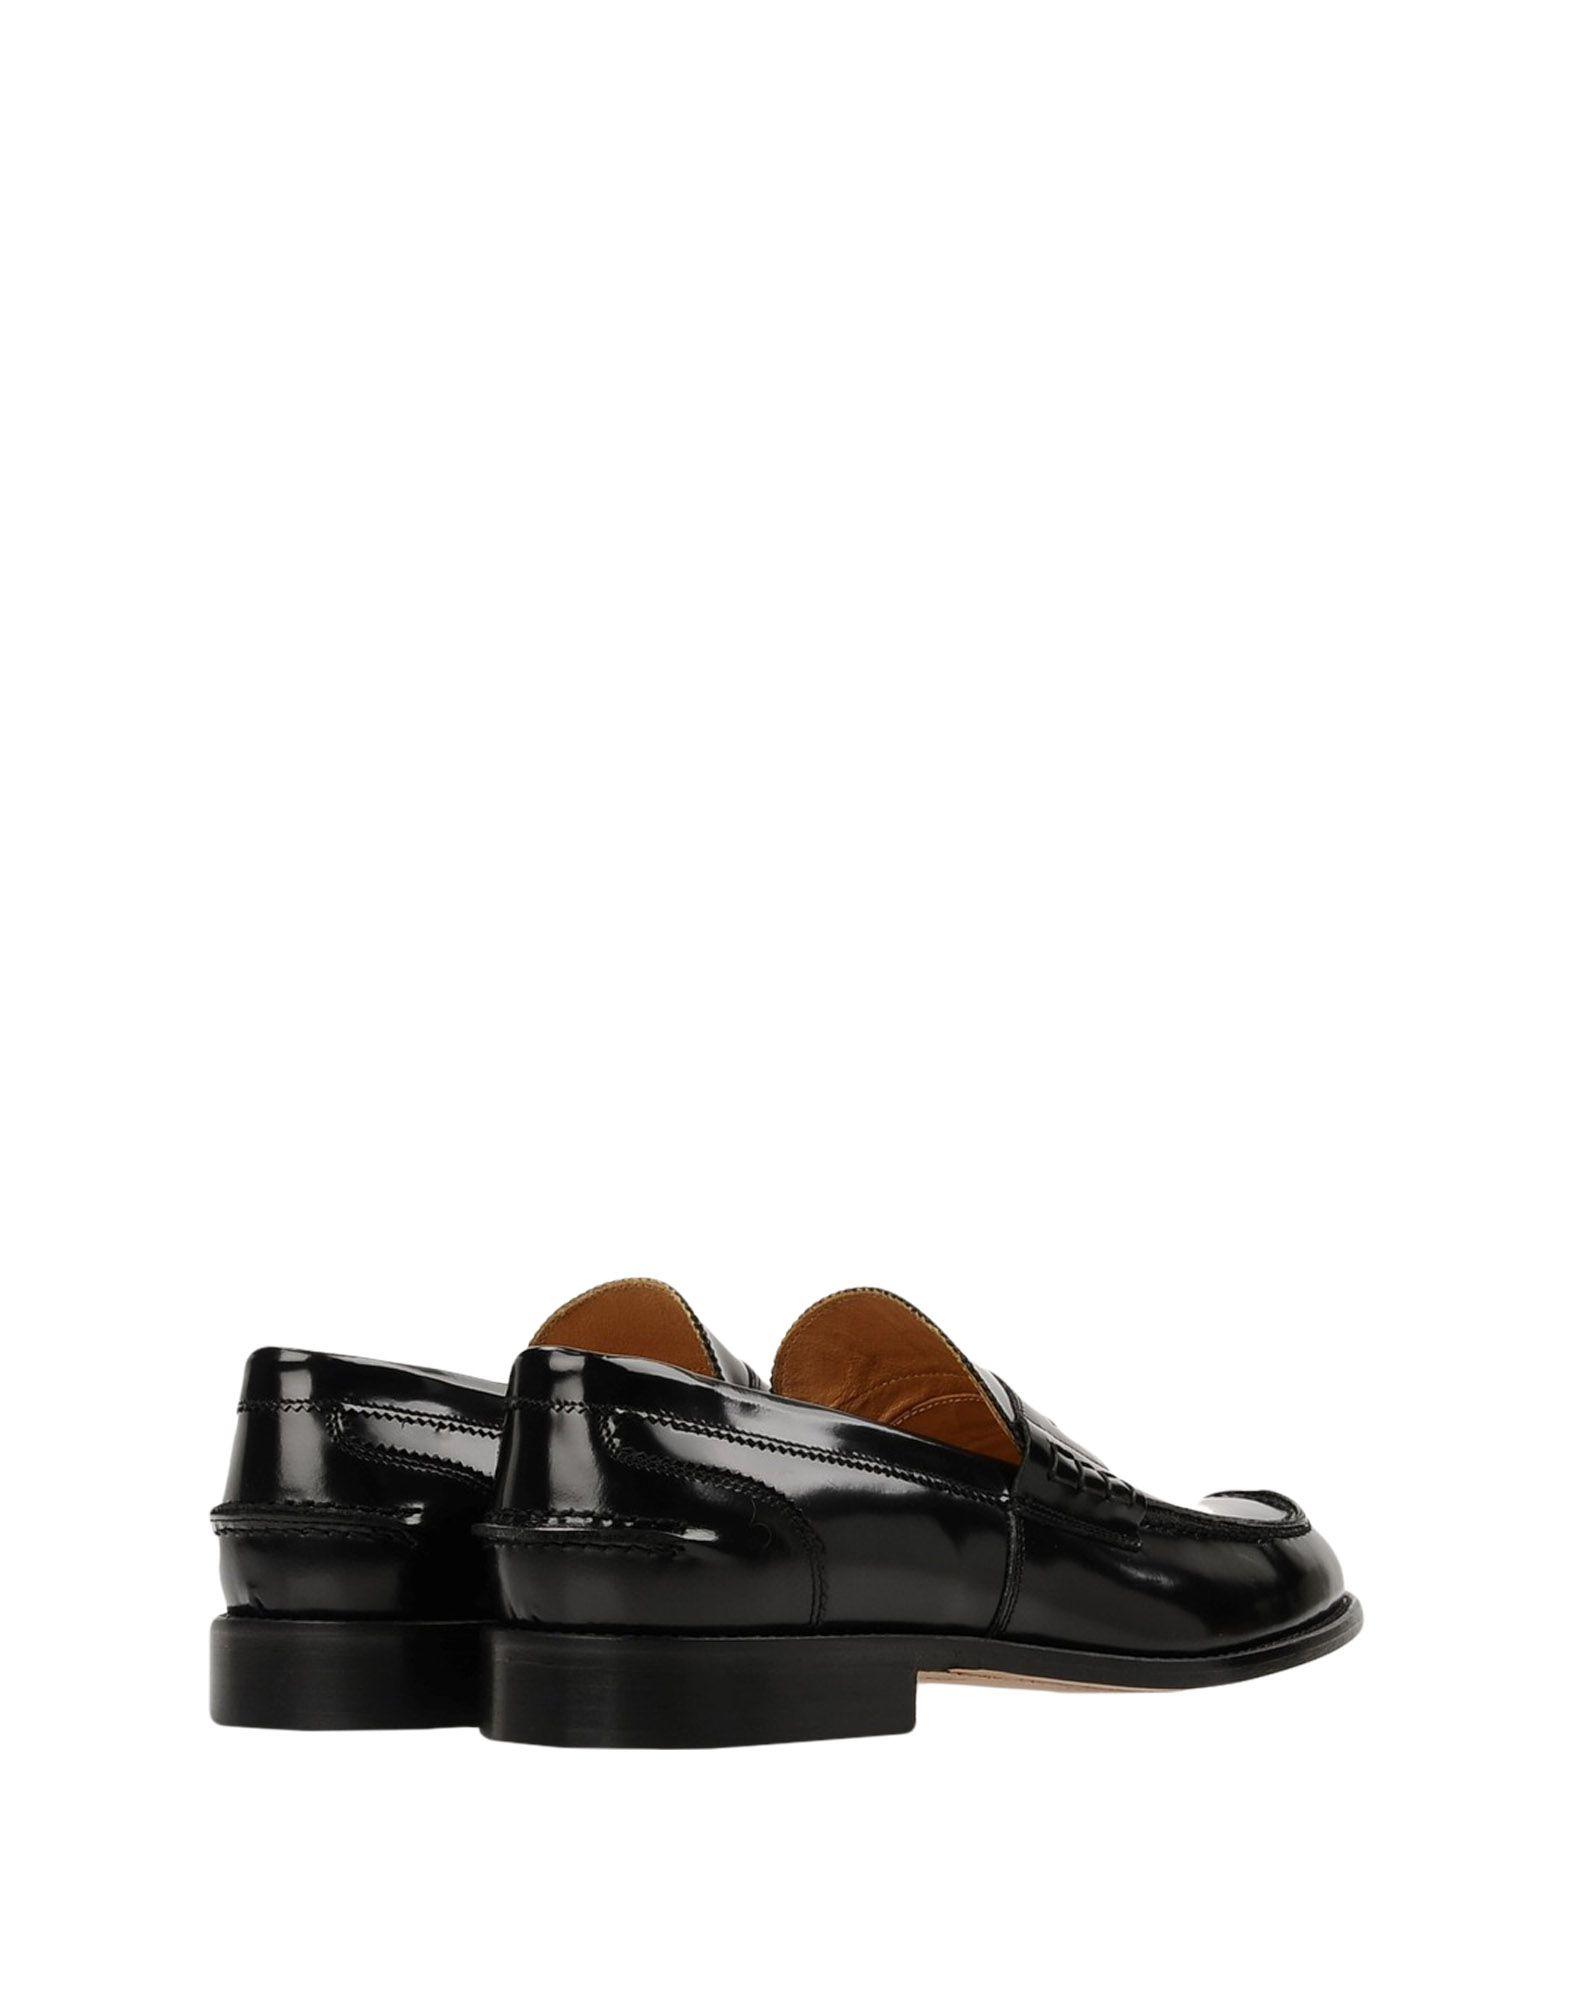 Leonardo Schuhe Principi Mokassins Herren  11422874EH Neue Schuhe Leonardo 2d6a8c